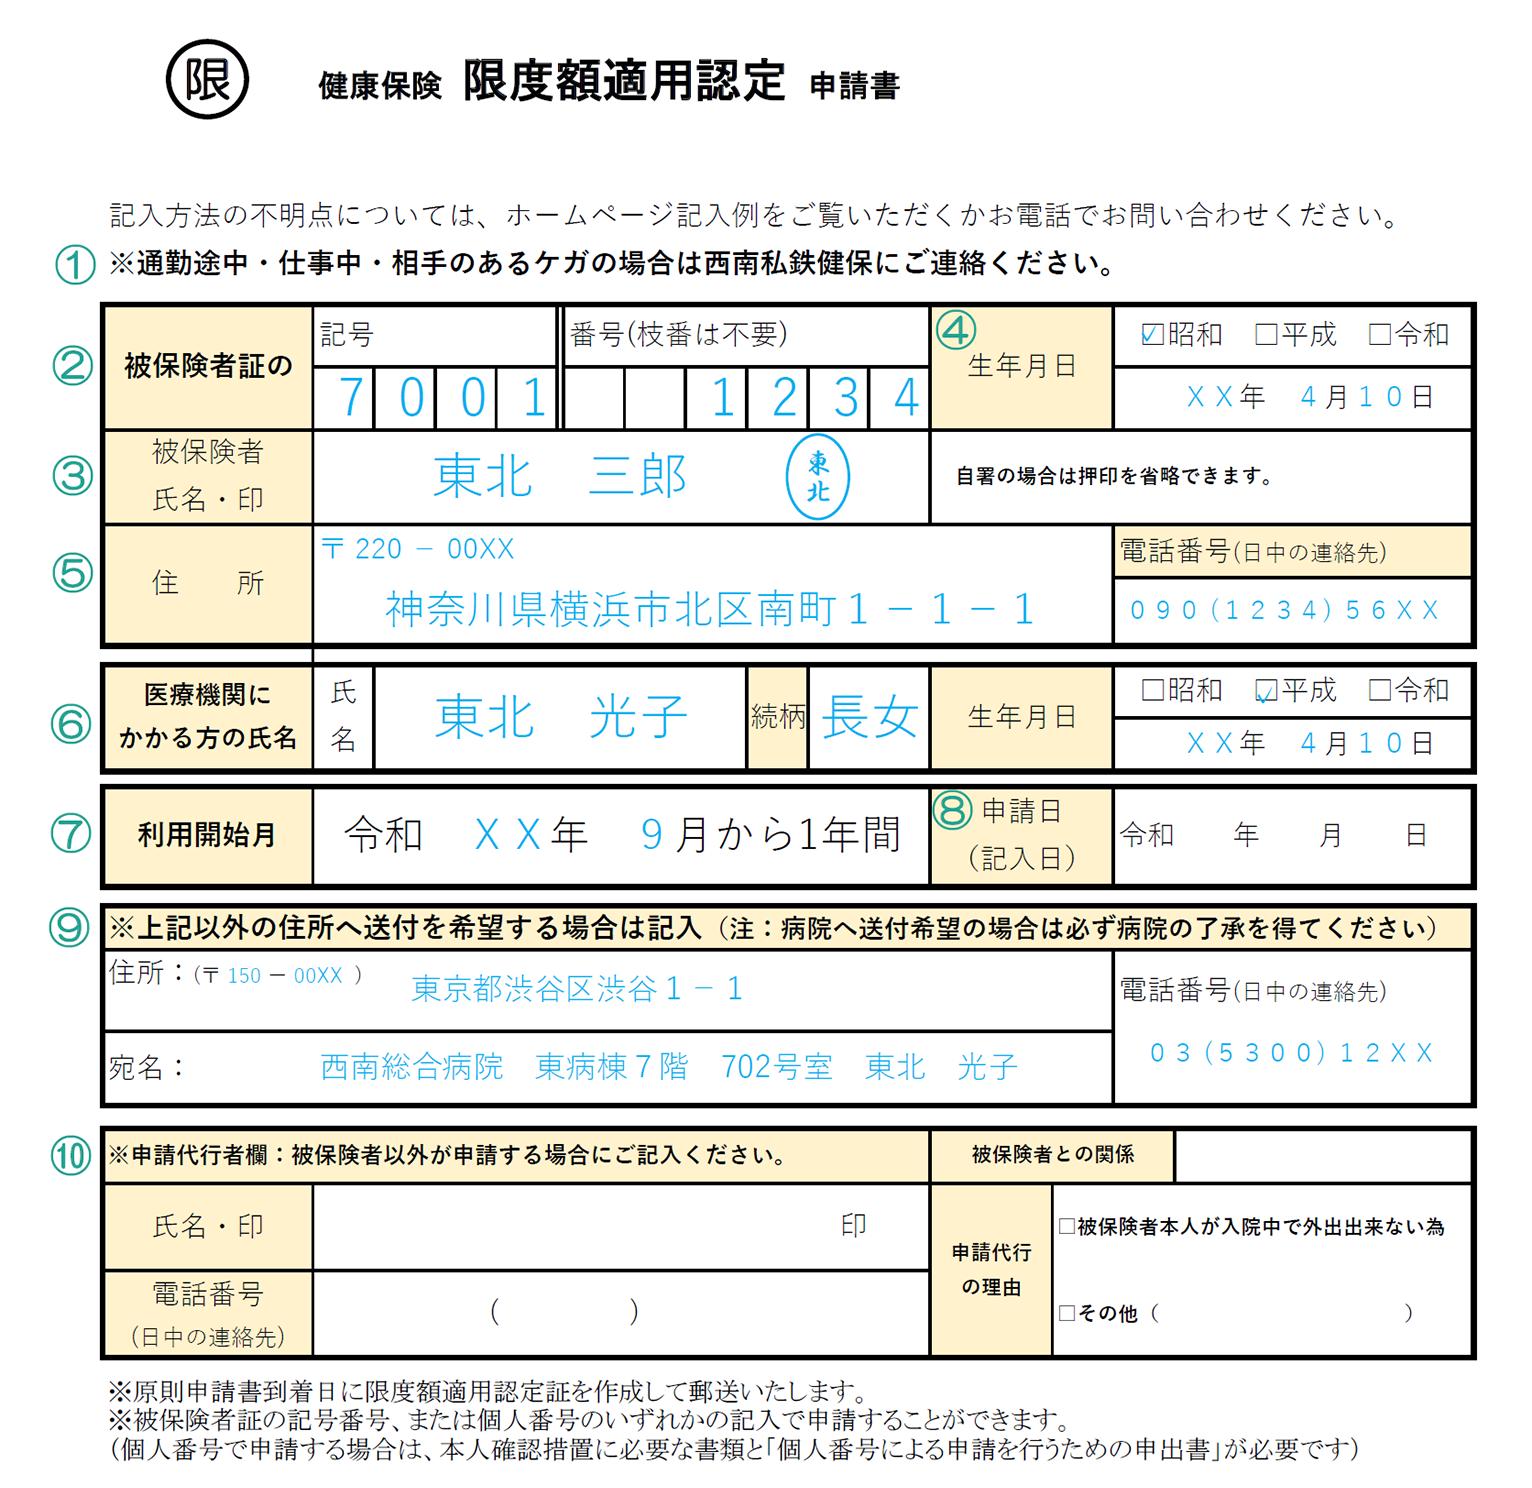 限度 認定 保険 申請 書 適用 健康 額